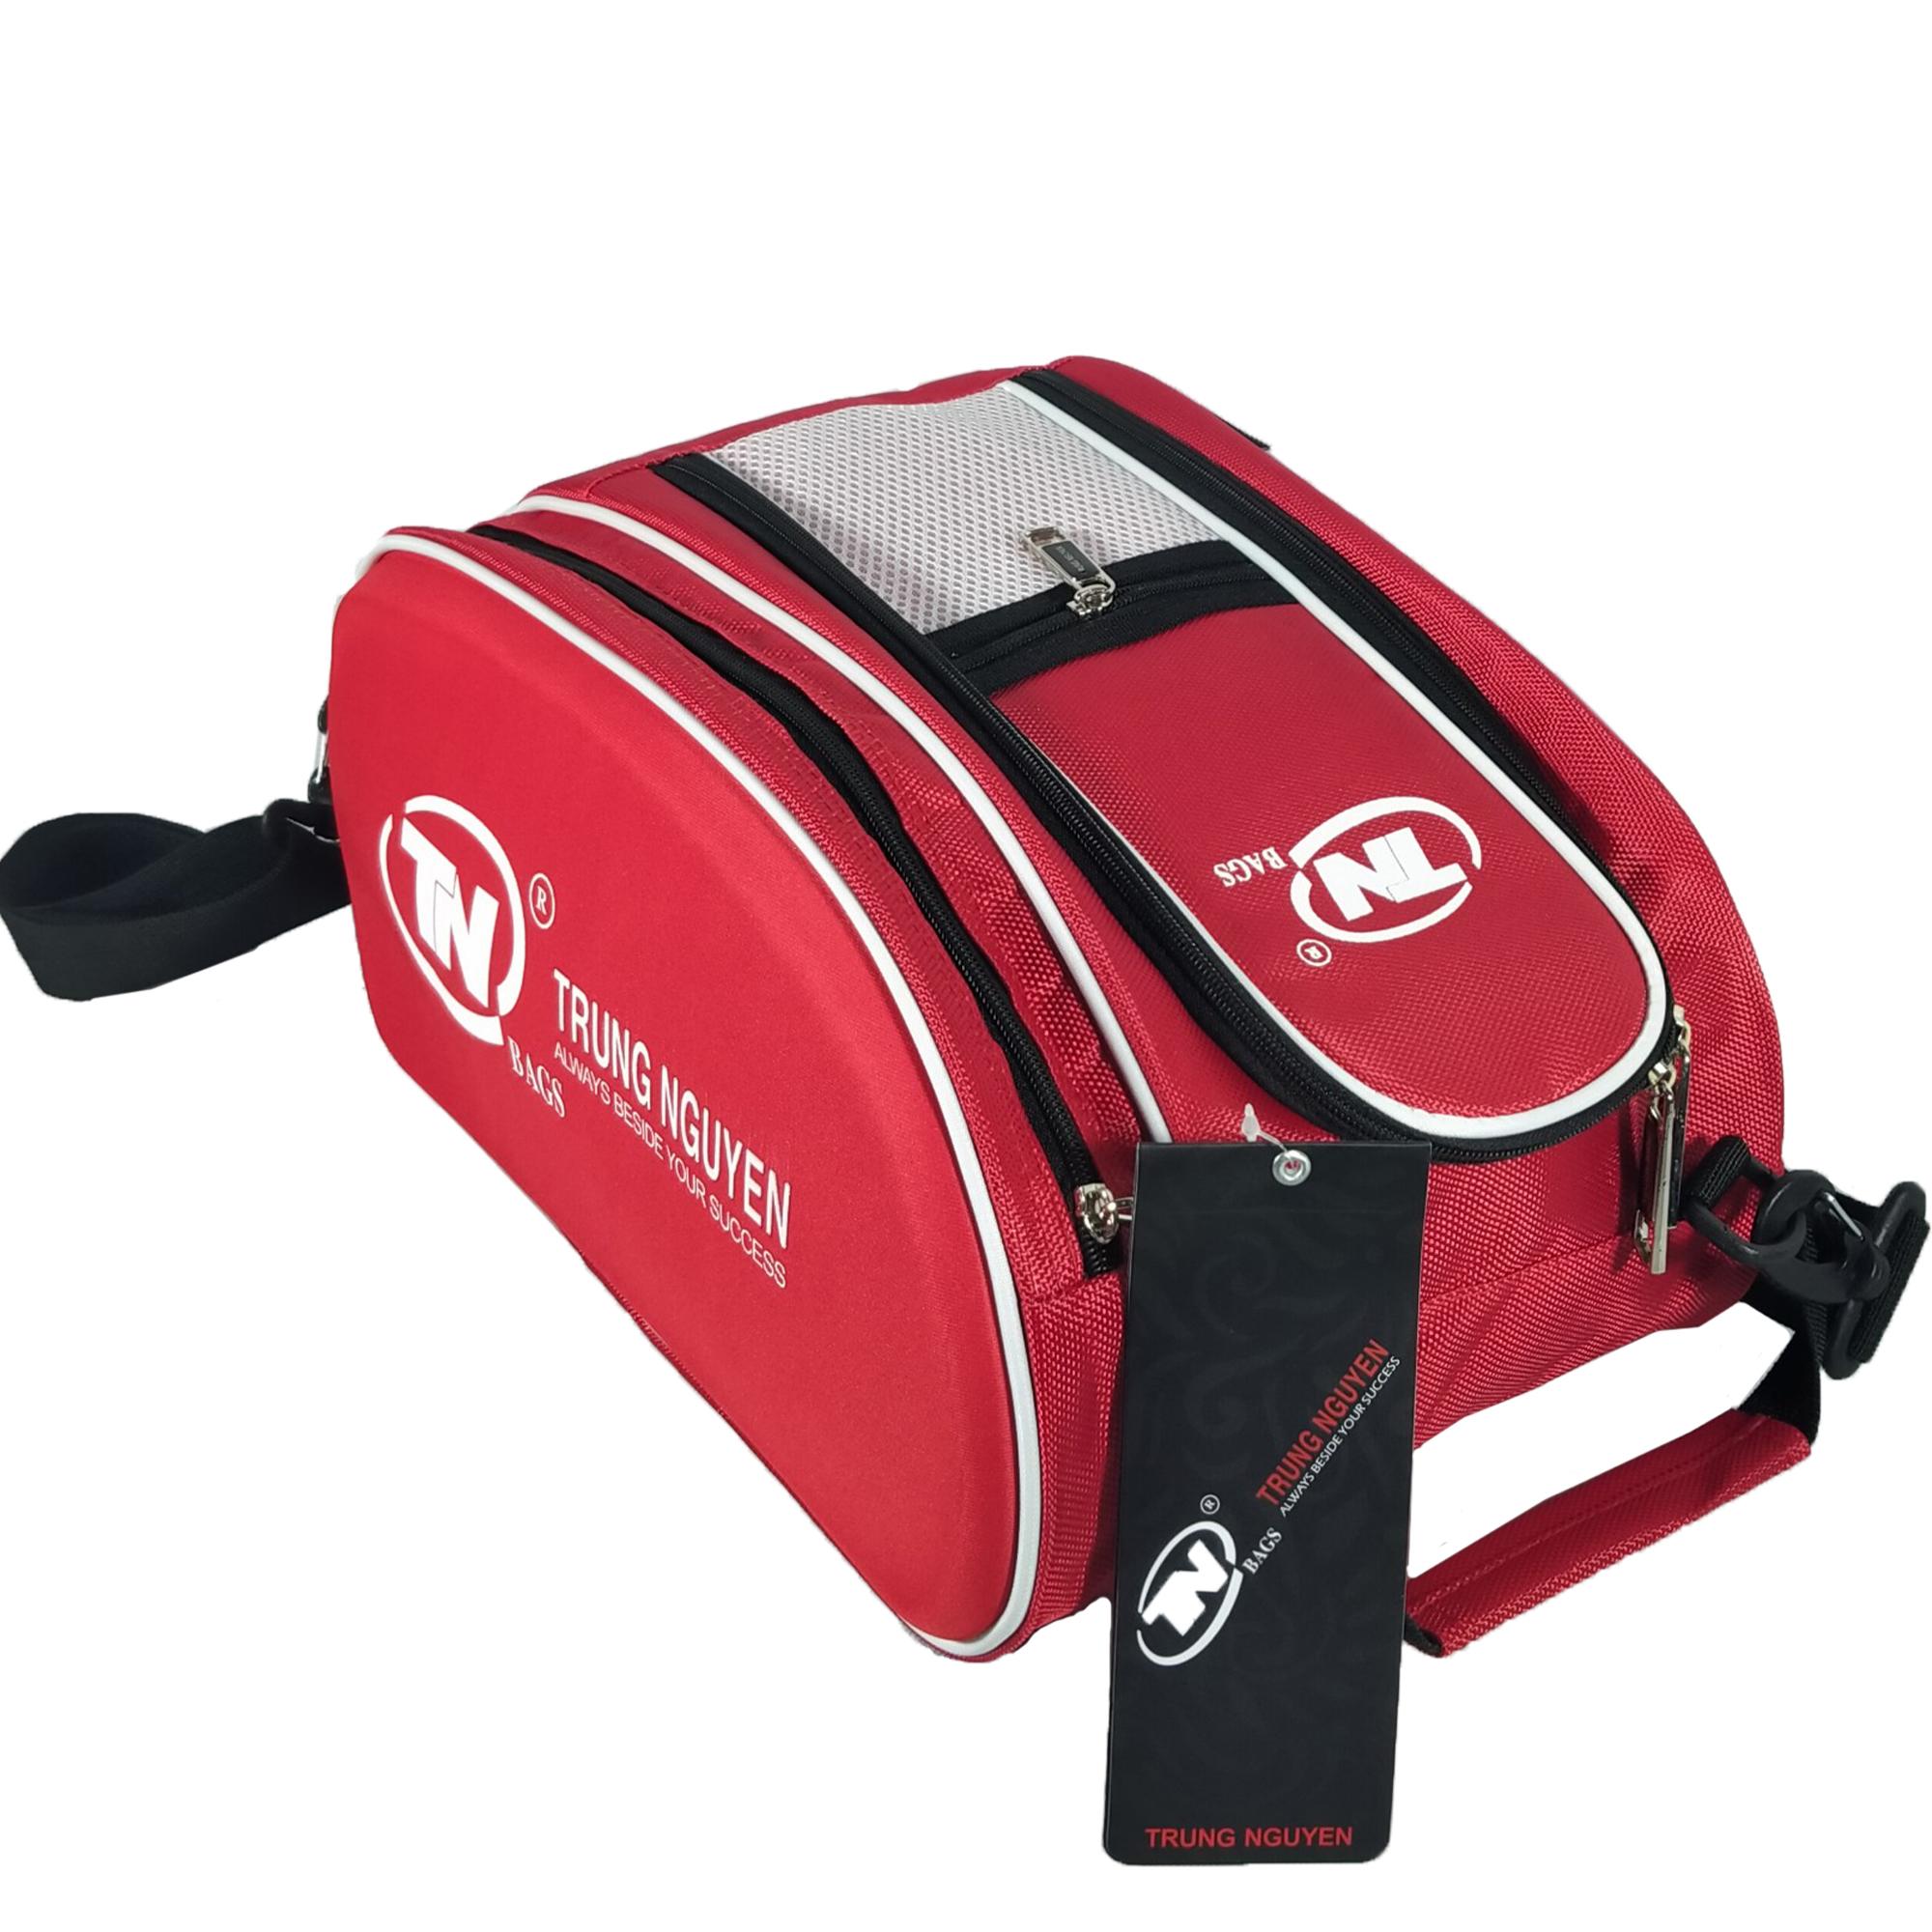 Túi đựng giày thể thao, túi đựng giày đá bóng TN Bags cho nam thiết kế 2 ngăn chống thấm nước tốt TN.B 10002